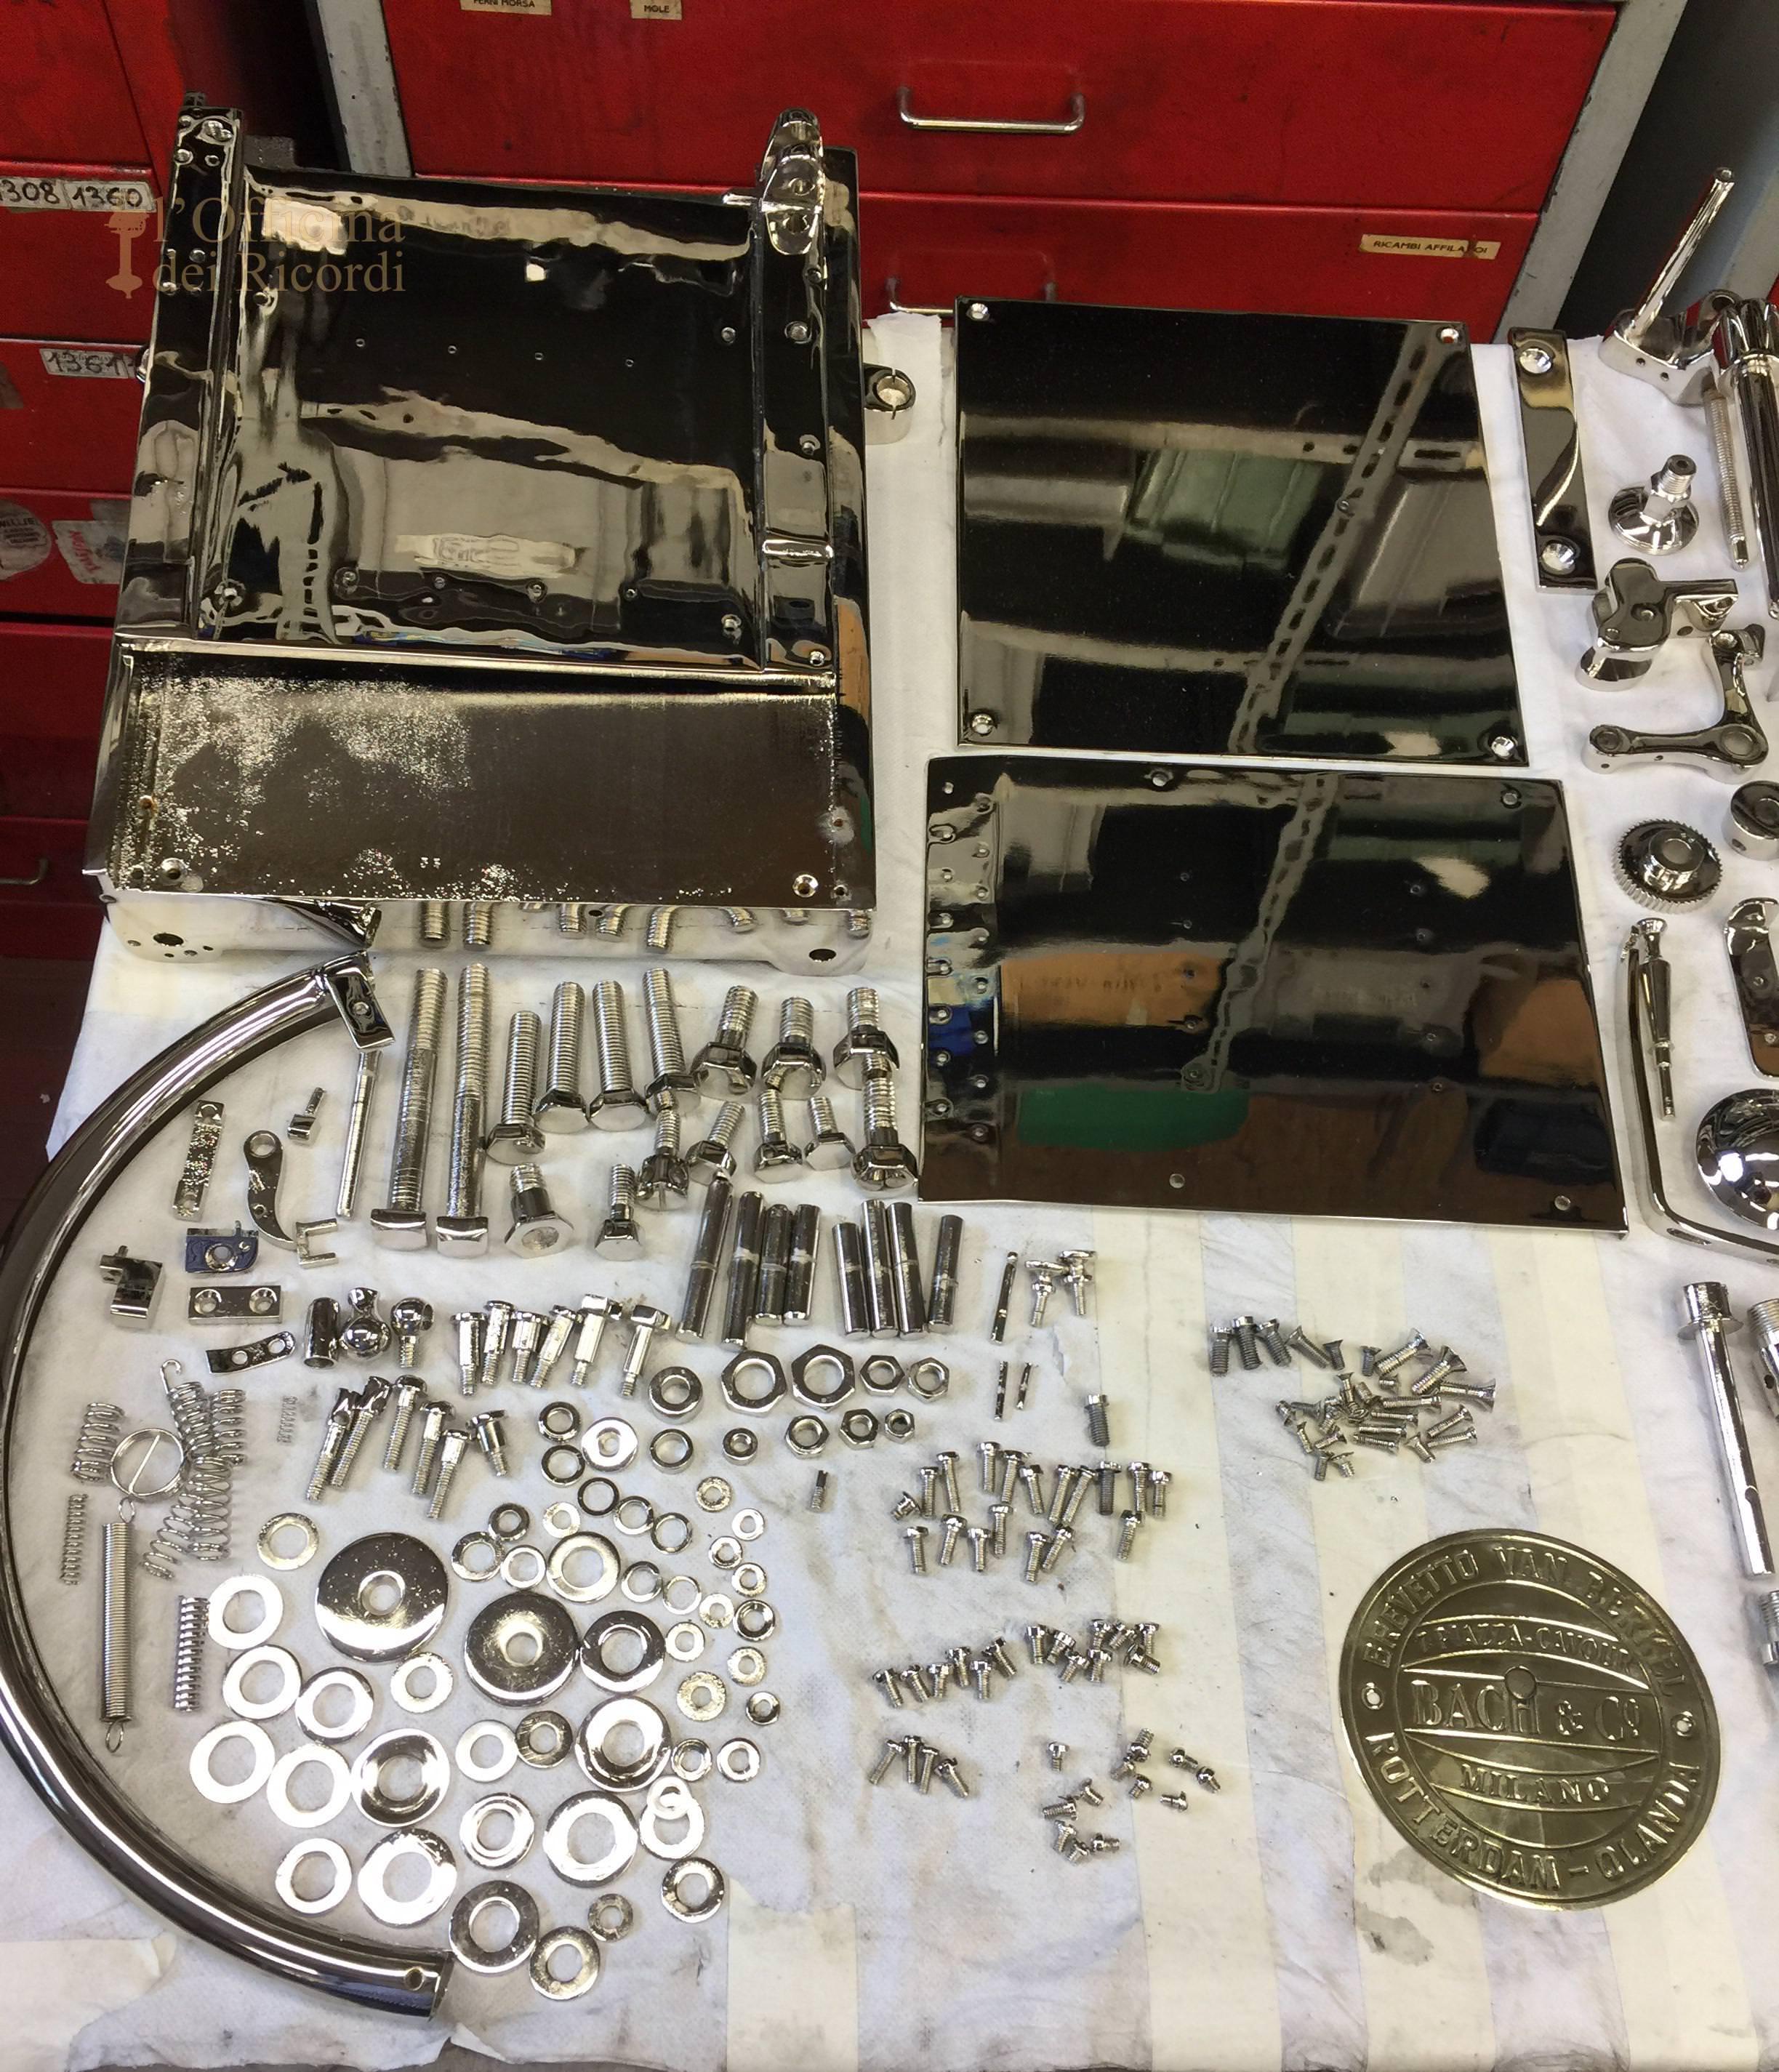 Lavori di lucidatura e nichelura su parti meccaniche della affettatrice Berkel modello L